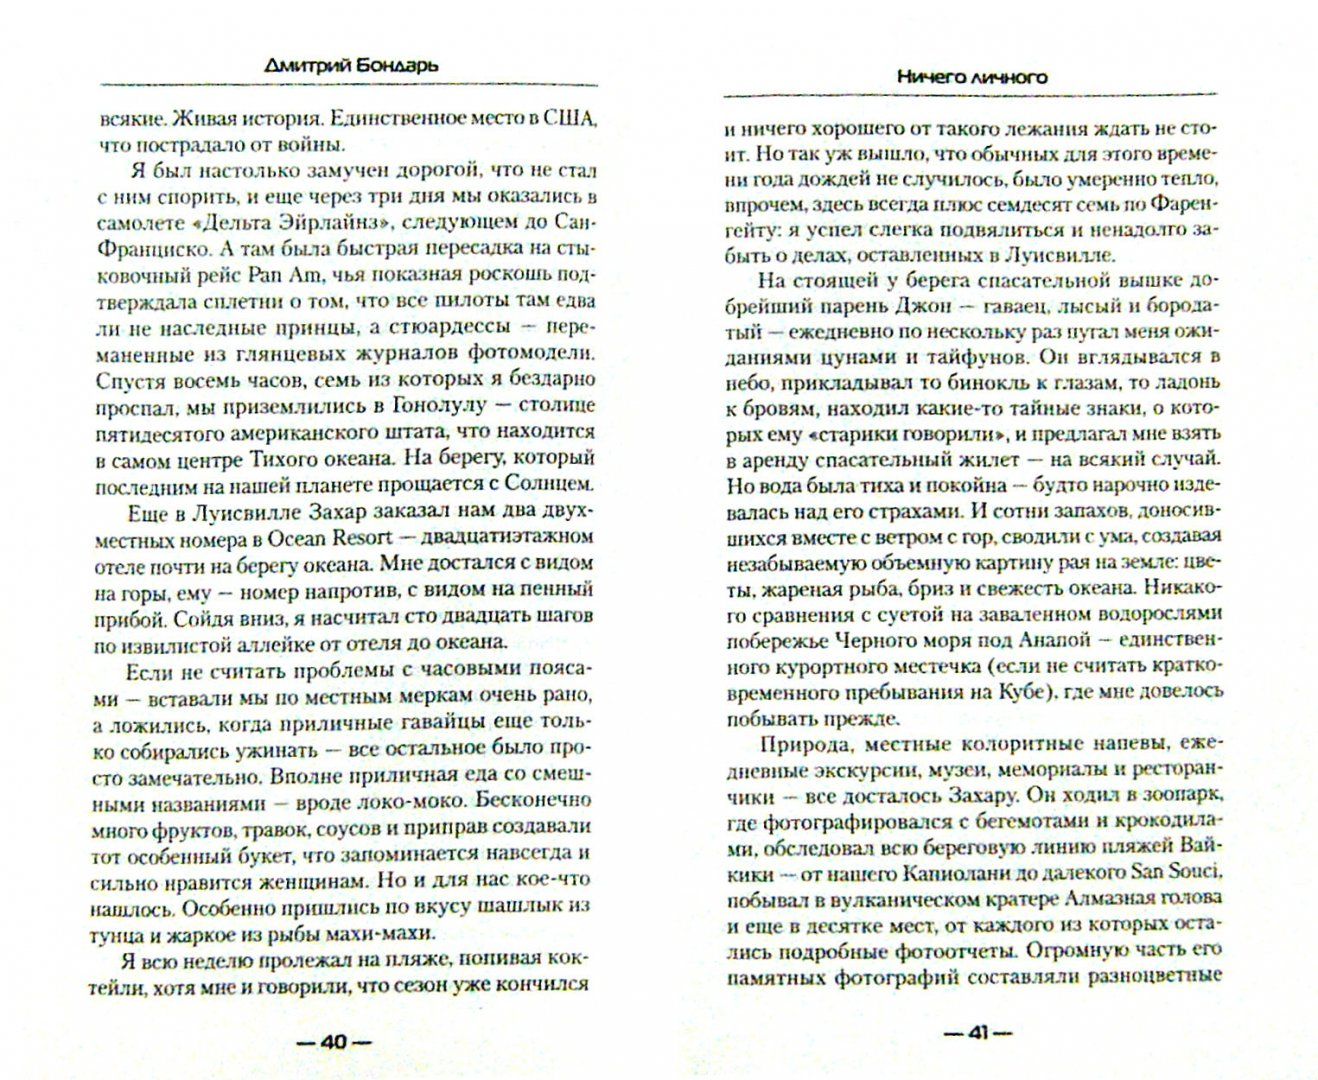 Иллюстрация 1 из 6 для Ничего личного - Дмитрий Бондарь | Лабиринт - книги. Источник: Лабиринт